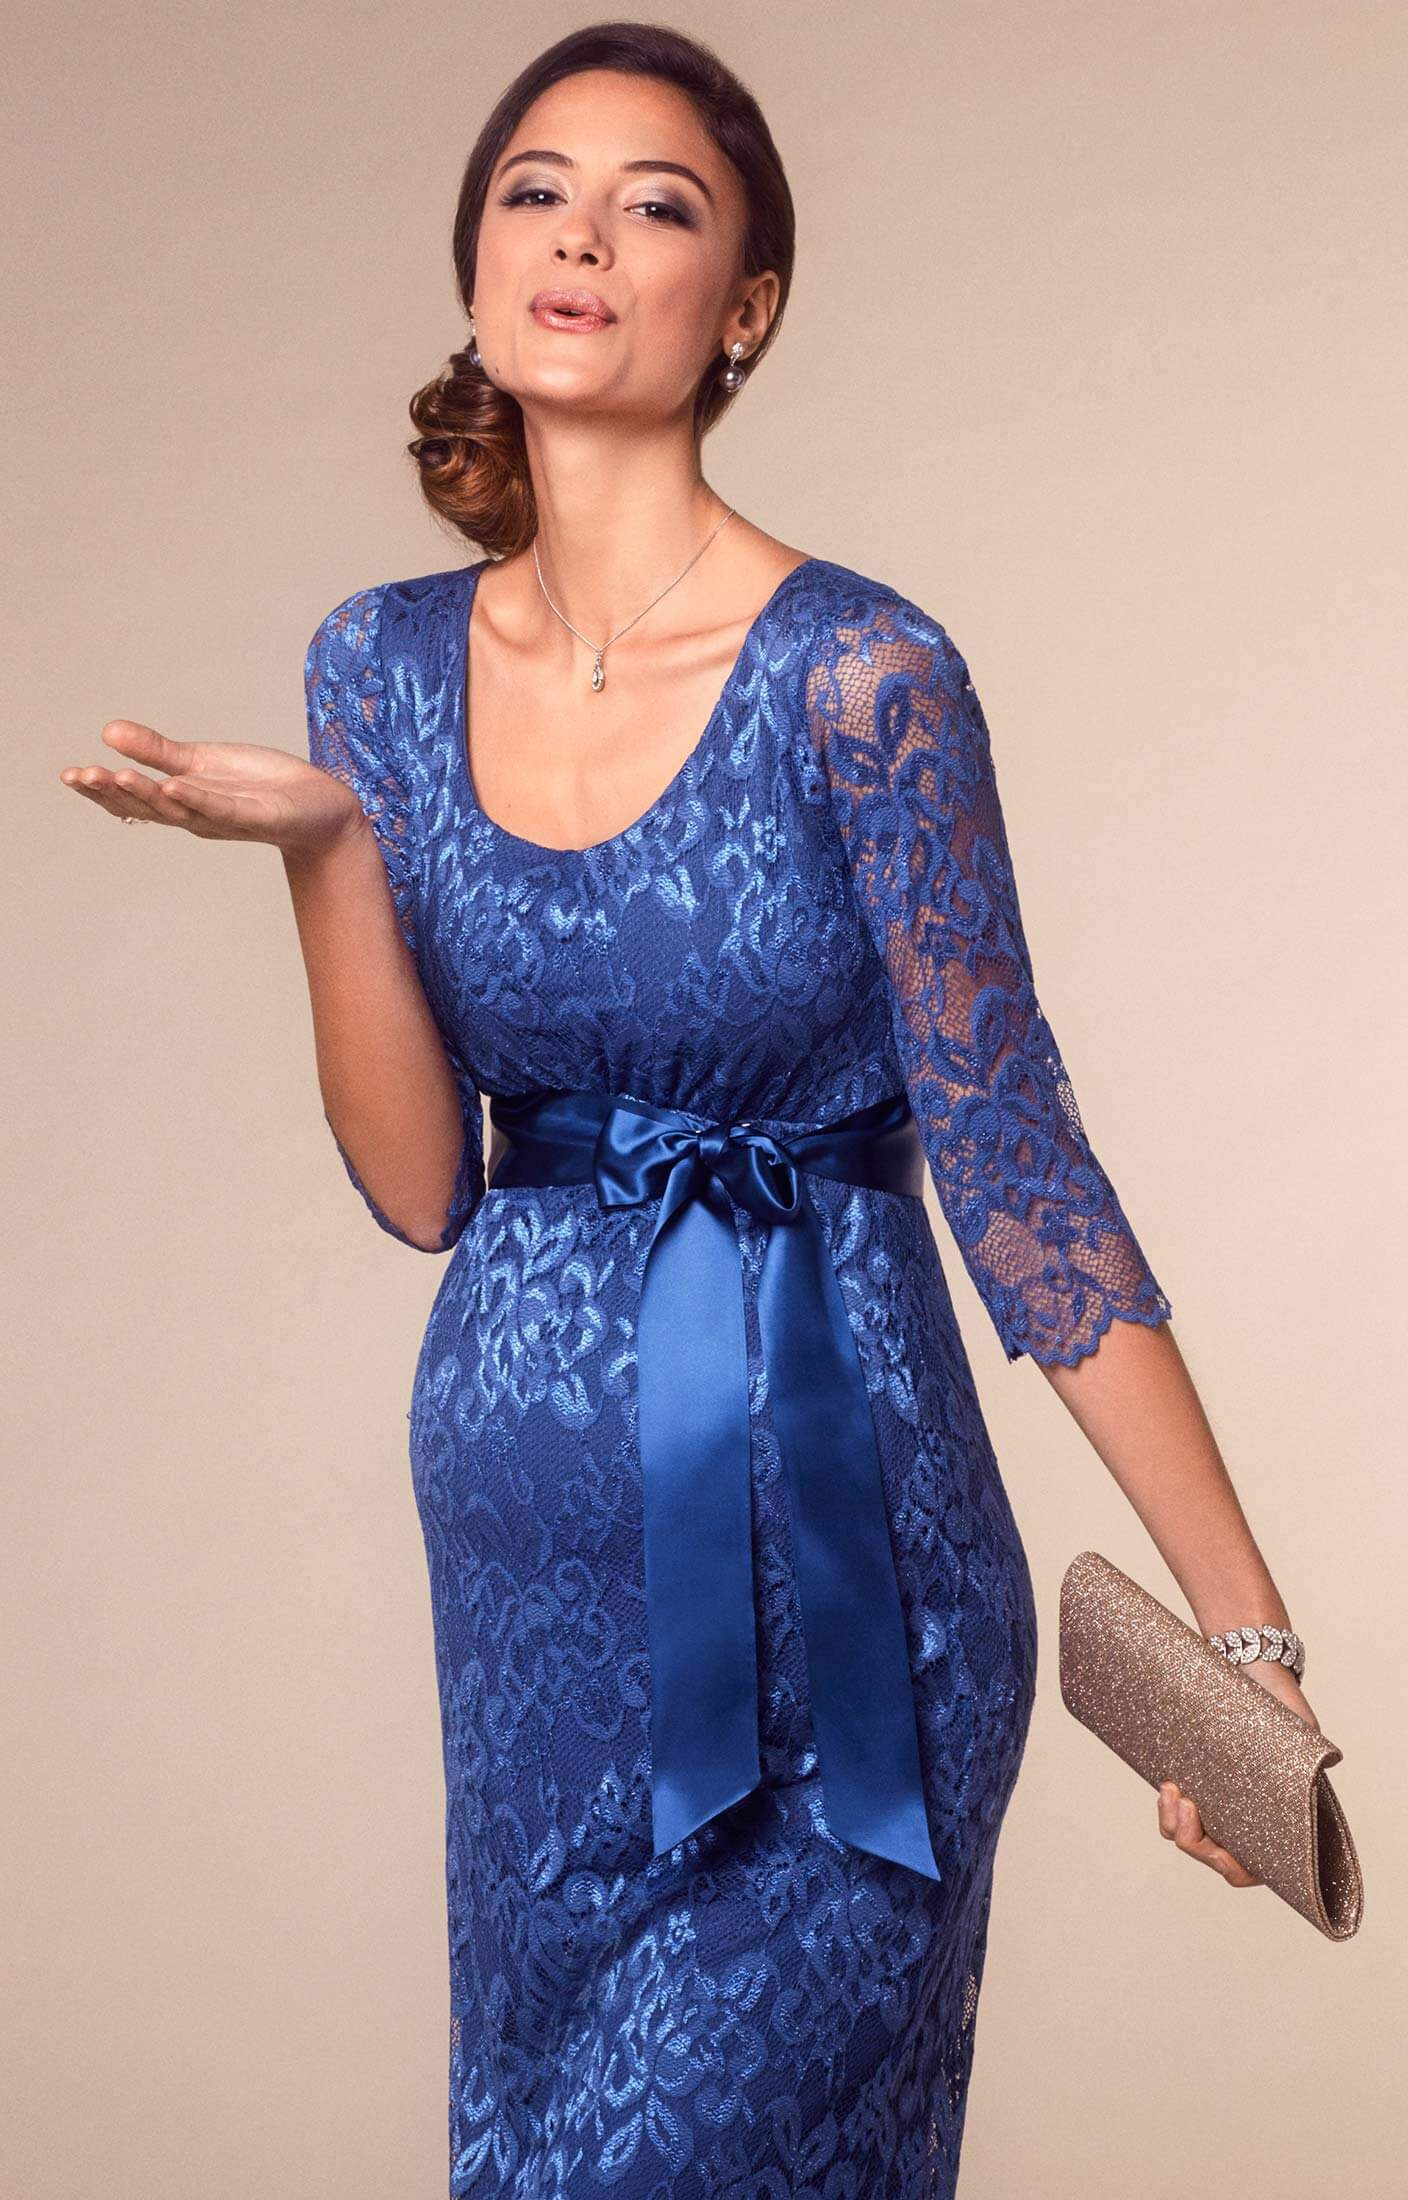 Katie Maternity Dress Short Windsor Blue - Brudklänningar ... a82786a142199